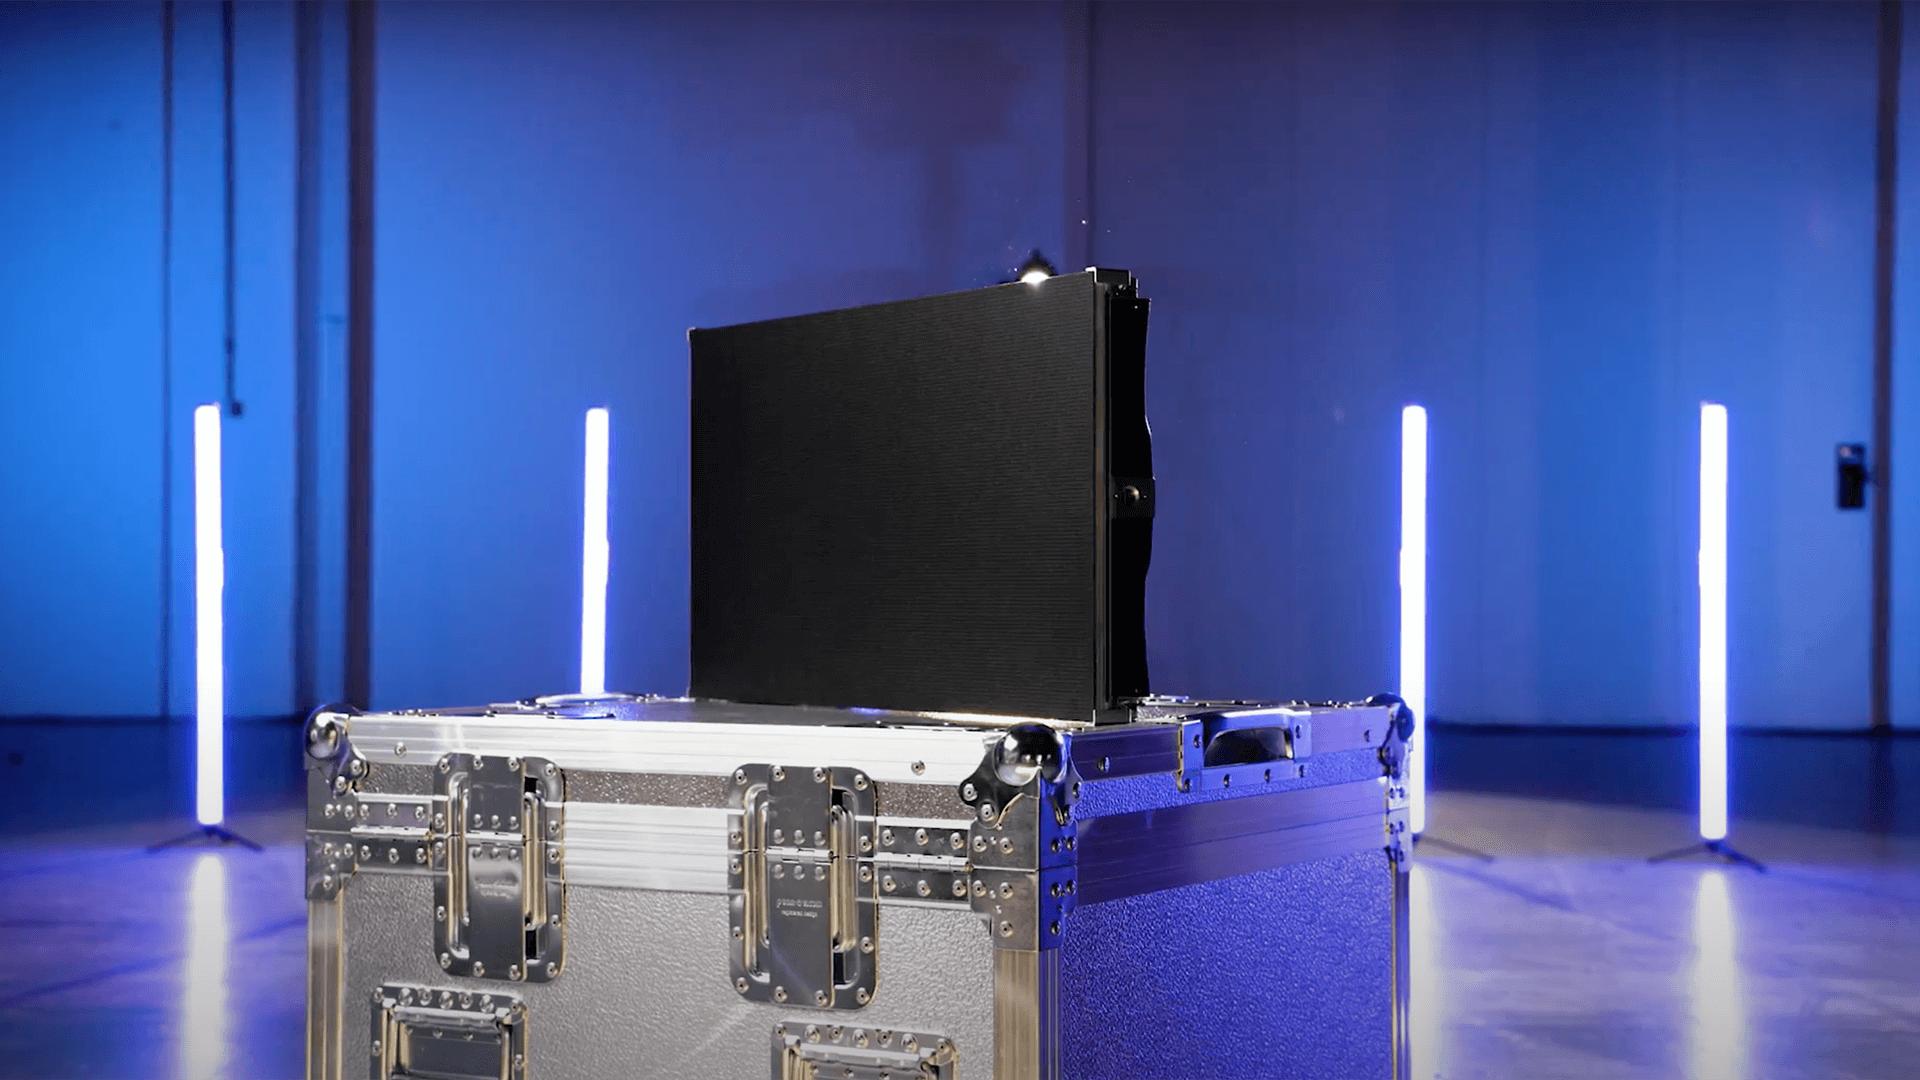 Entra nel mondo Wave&Co: leader in Italia per vendita, noleggio, progettazione, installazione e contenuti per schermi led, ledwall e maxischermi.